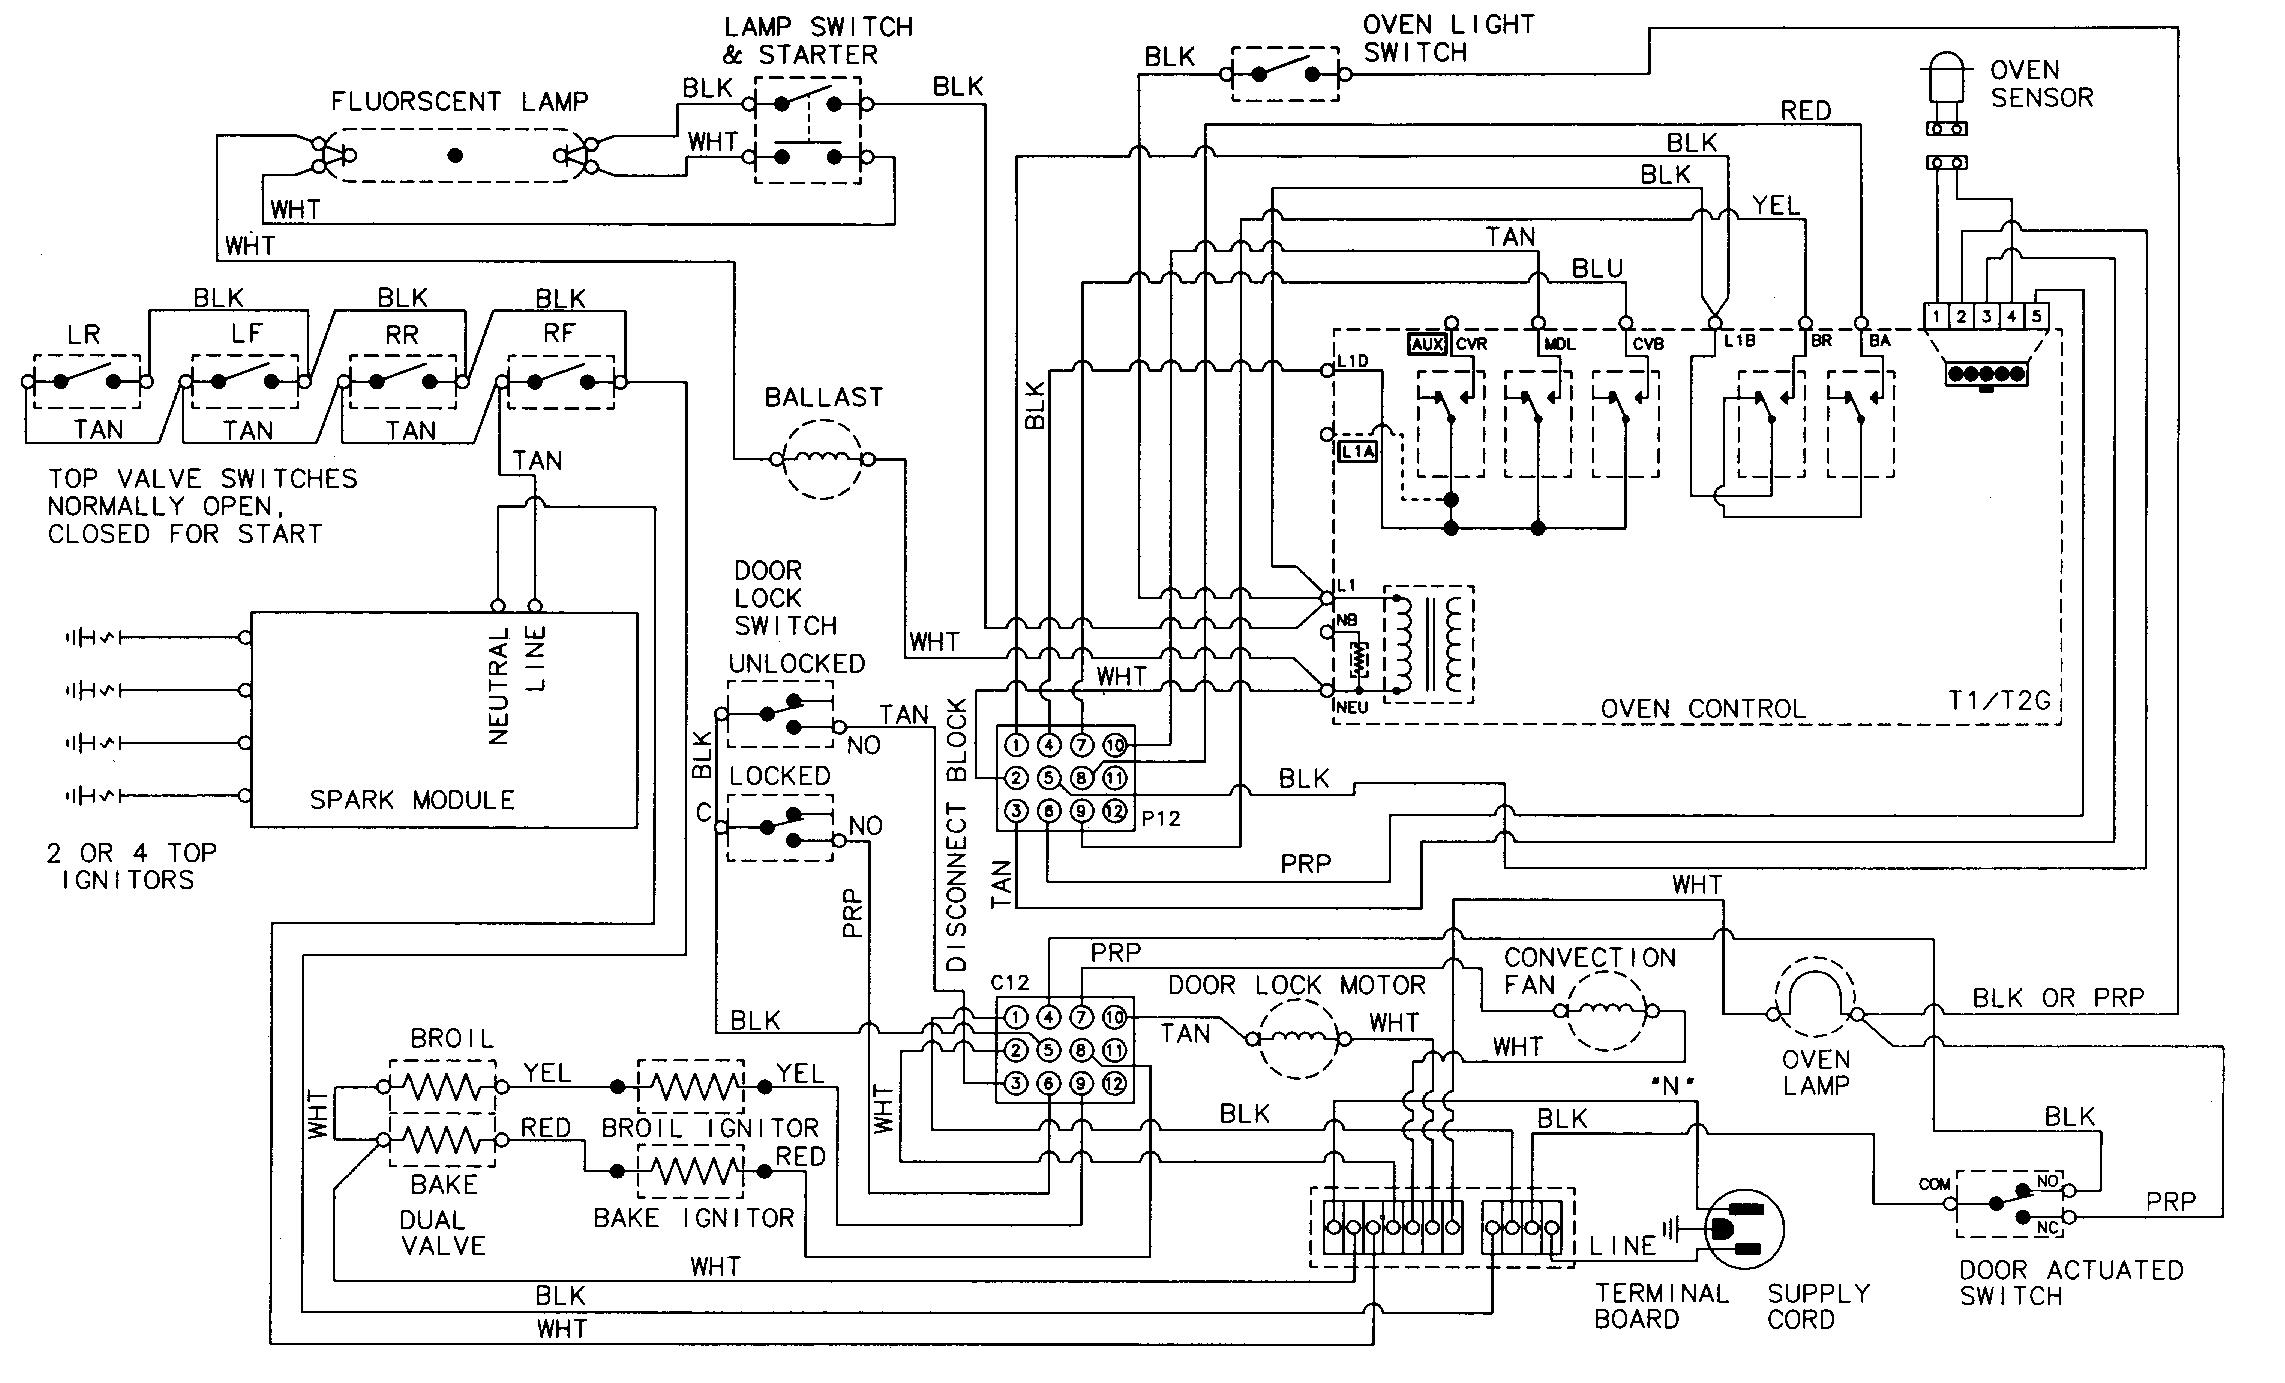 M0204067 00007?resize\=840%2C508 dod wiring diagram standard gandul 45 77 79 119 solic 200 wiring diagram at virtualis.co